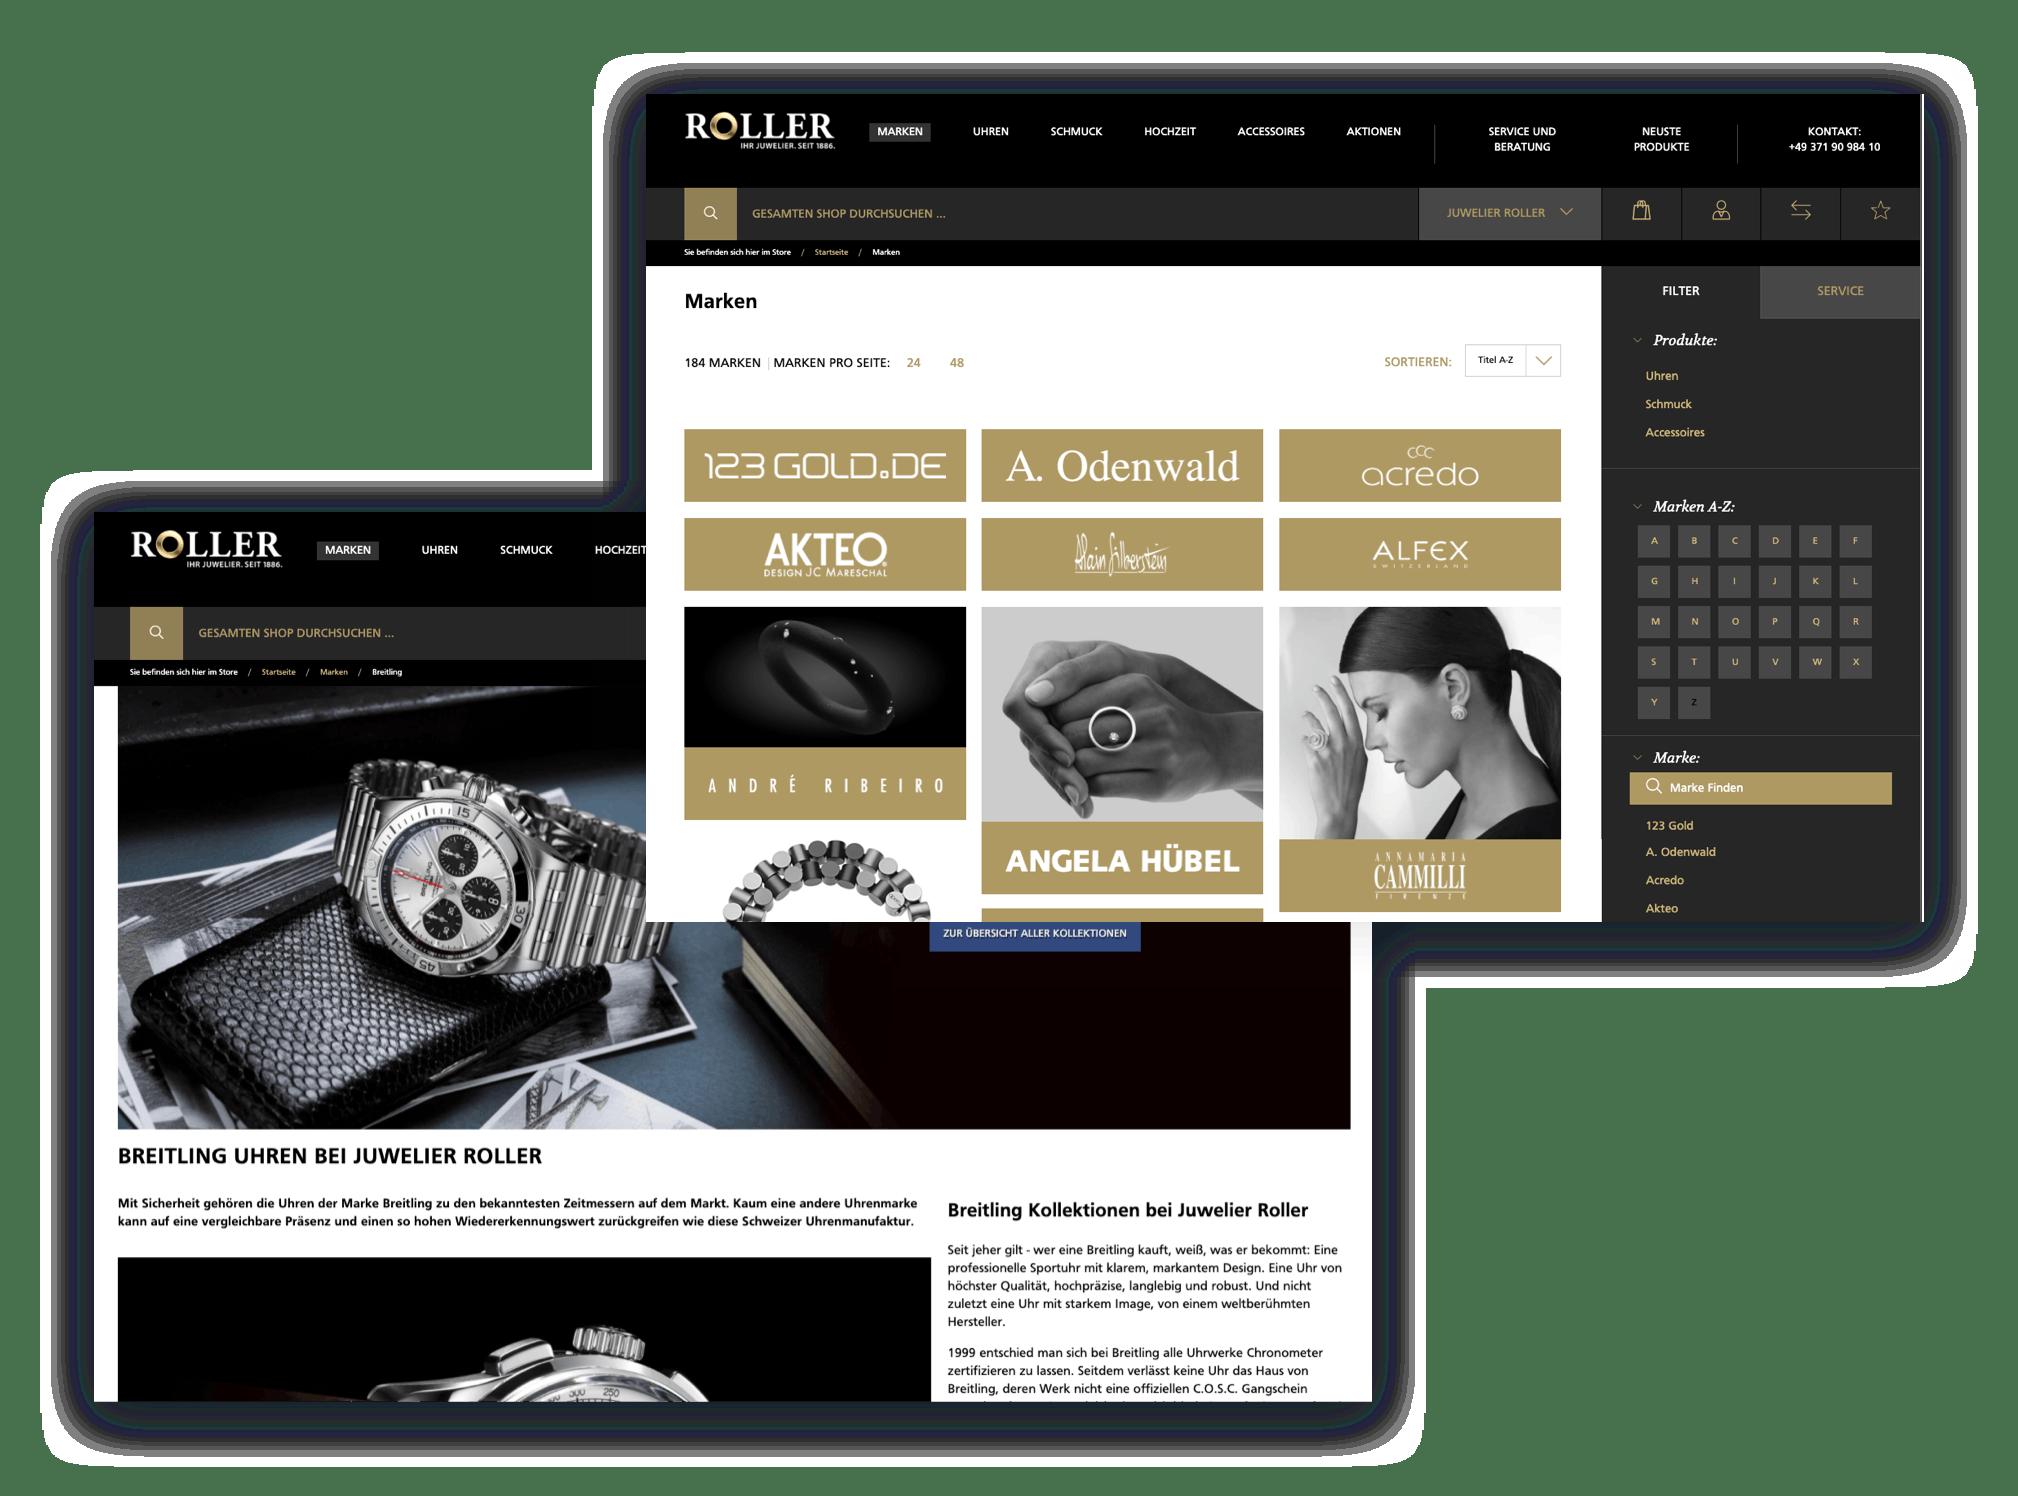 Exklusive Marken bei Juwelier Roller